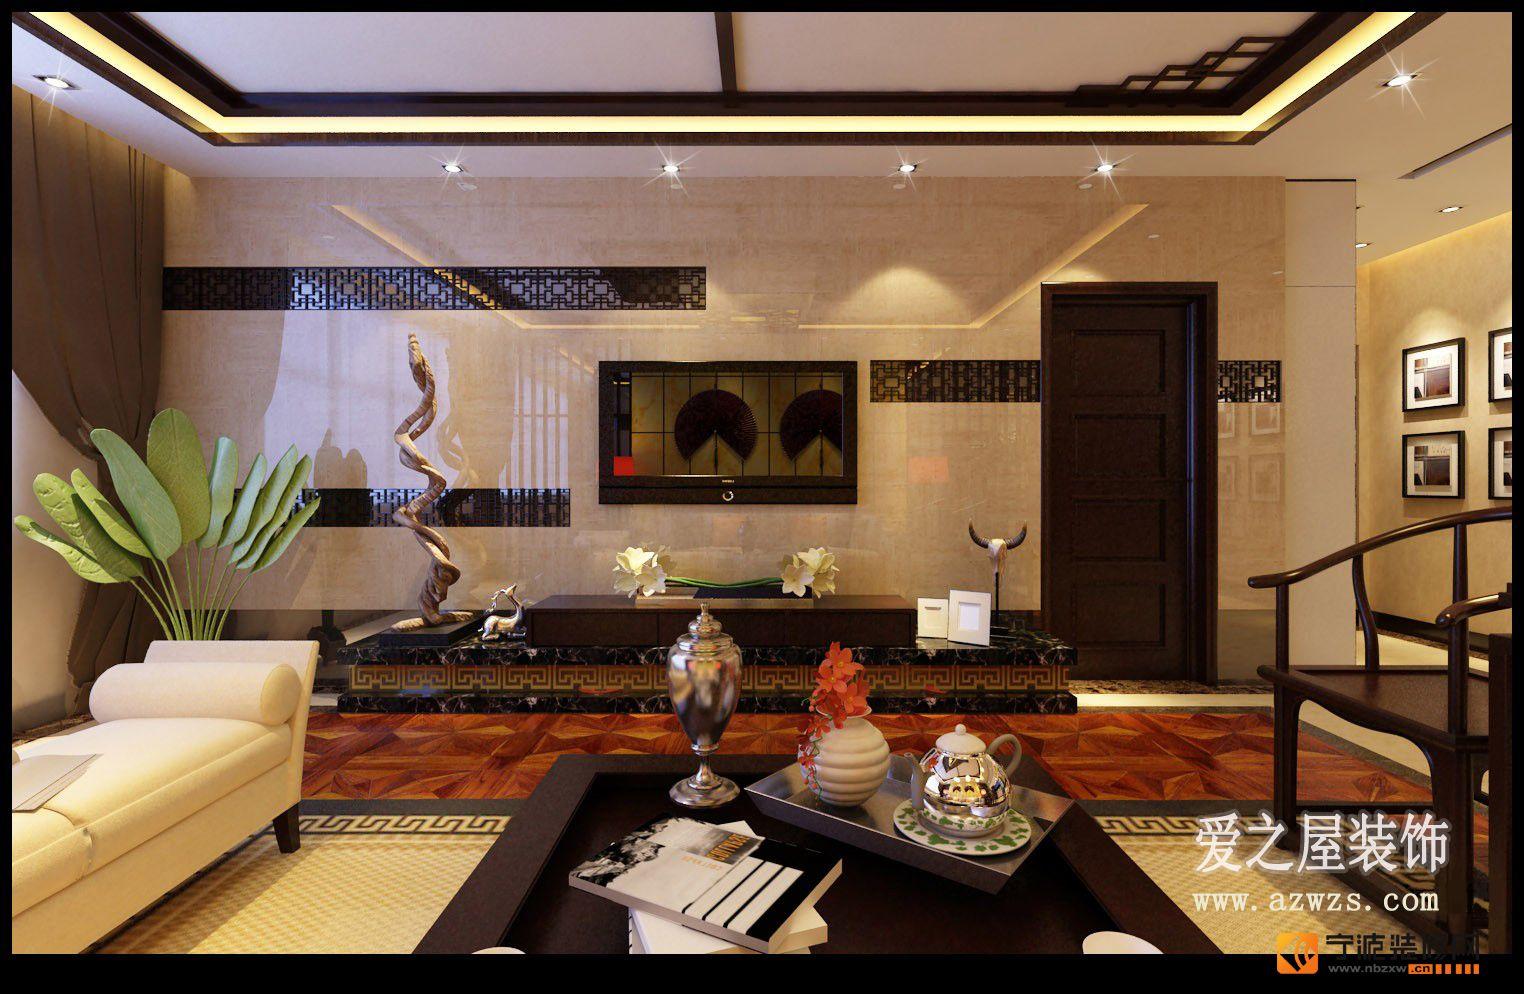 102平米温馨现代设计 客厅装修图片